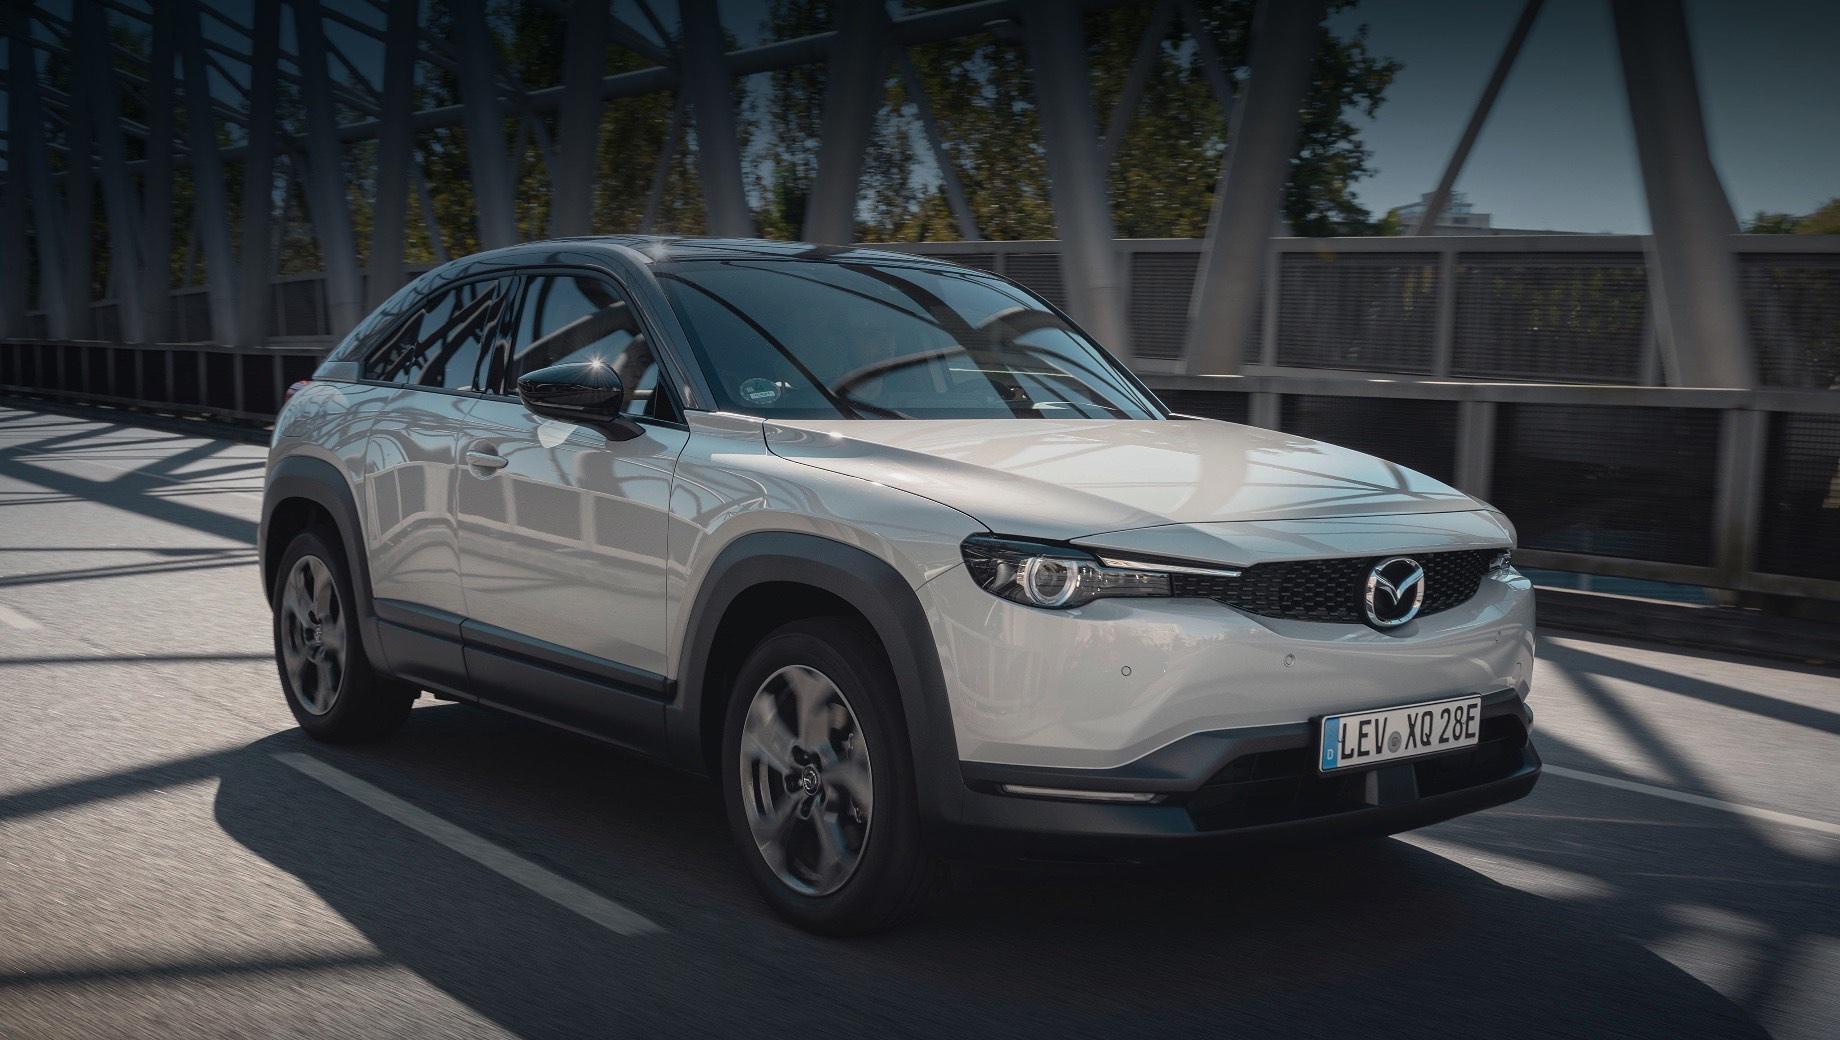 Mazda cx-50,Mazda cx-60,Mazda cx-70,Mazda cx-80,Mazda cx-90. В Европе первенцем новой продуктовой волны считается электрокар Mazda MX-30 (на фото), который уже выпускается на заводе в Хиросиме, но выйдет на рынок EC только в первой половине 2022 года.